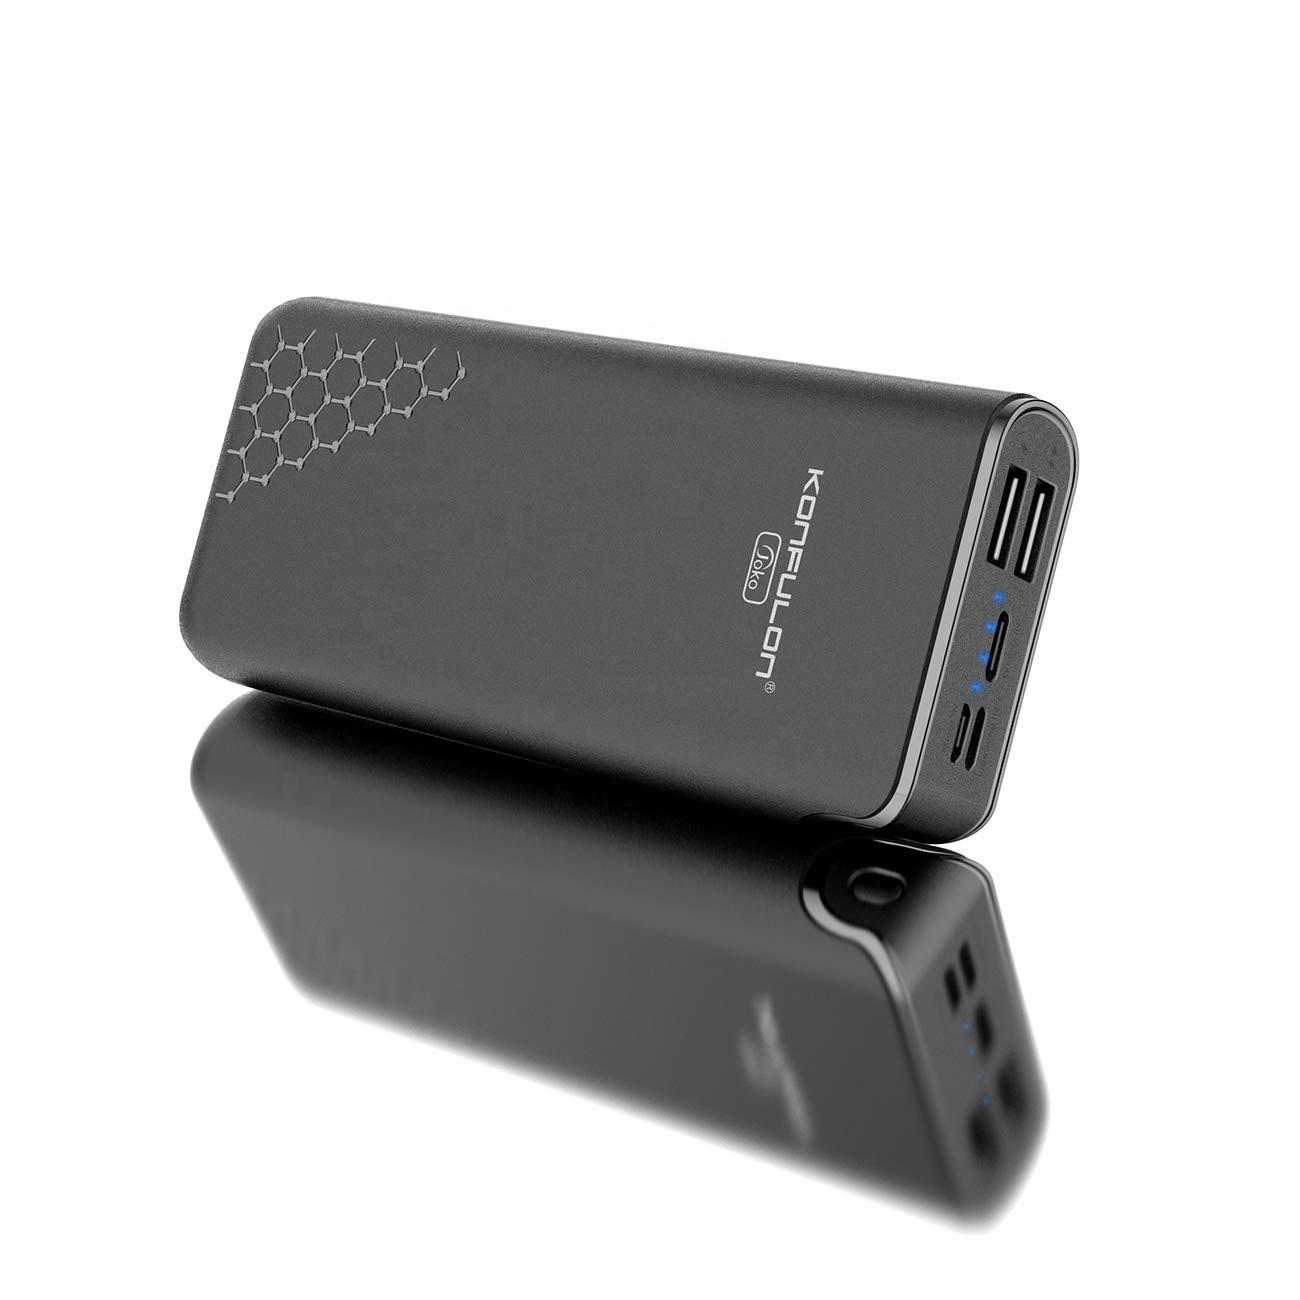 Power Bank Konfulon A7 20000 mAh Black - 1